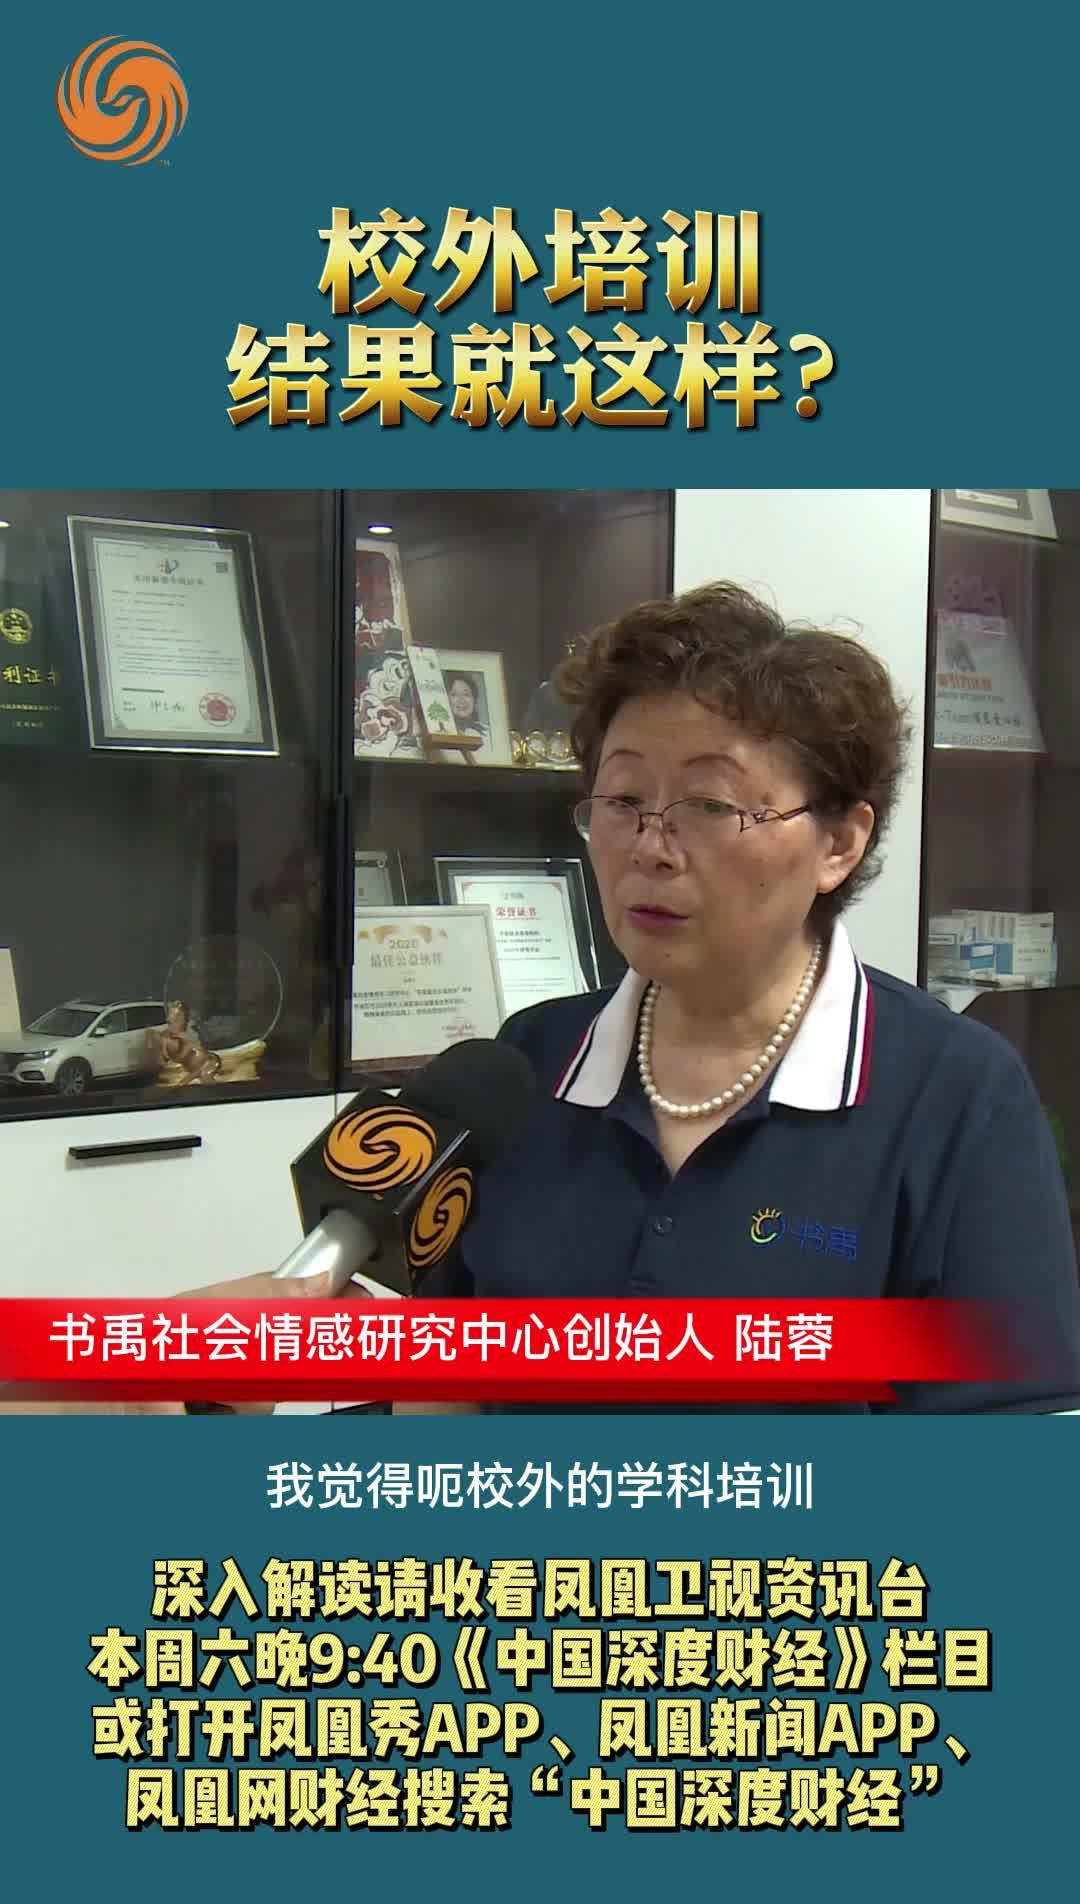 书禹社会情感学习研究中心创始人 陆蓉:校外培训结果就这样?